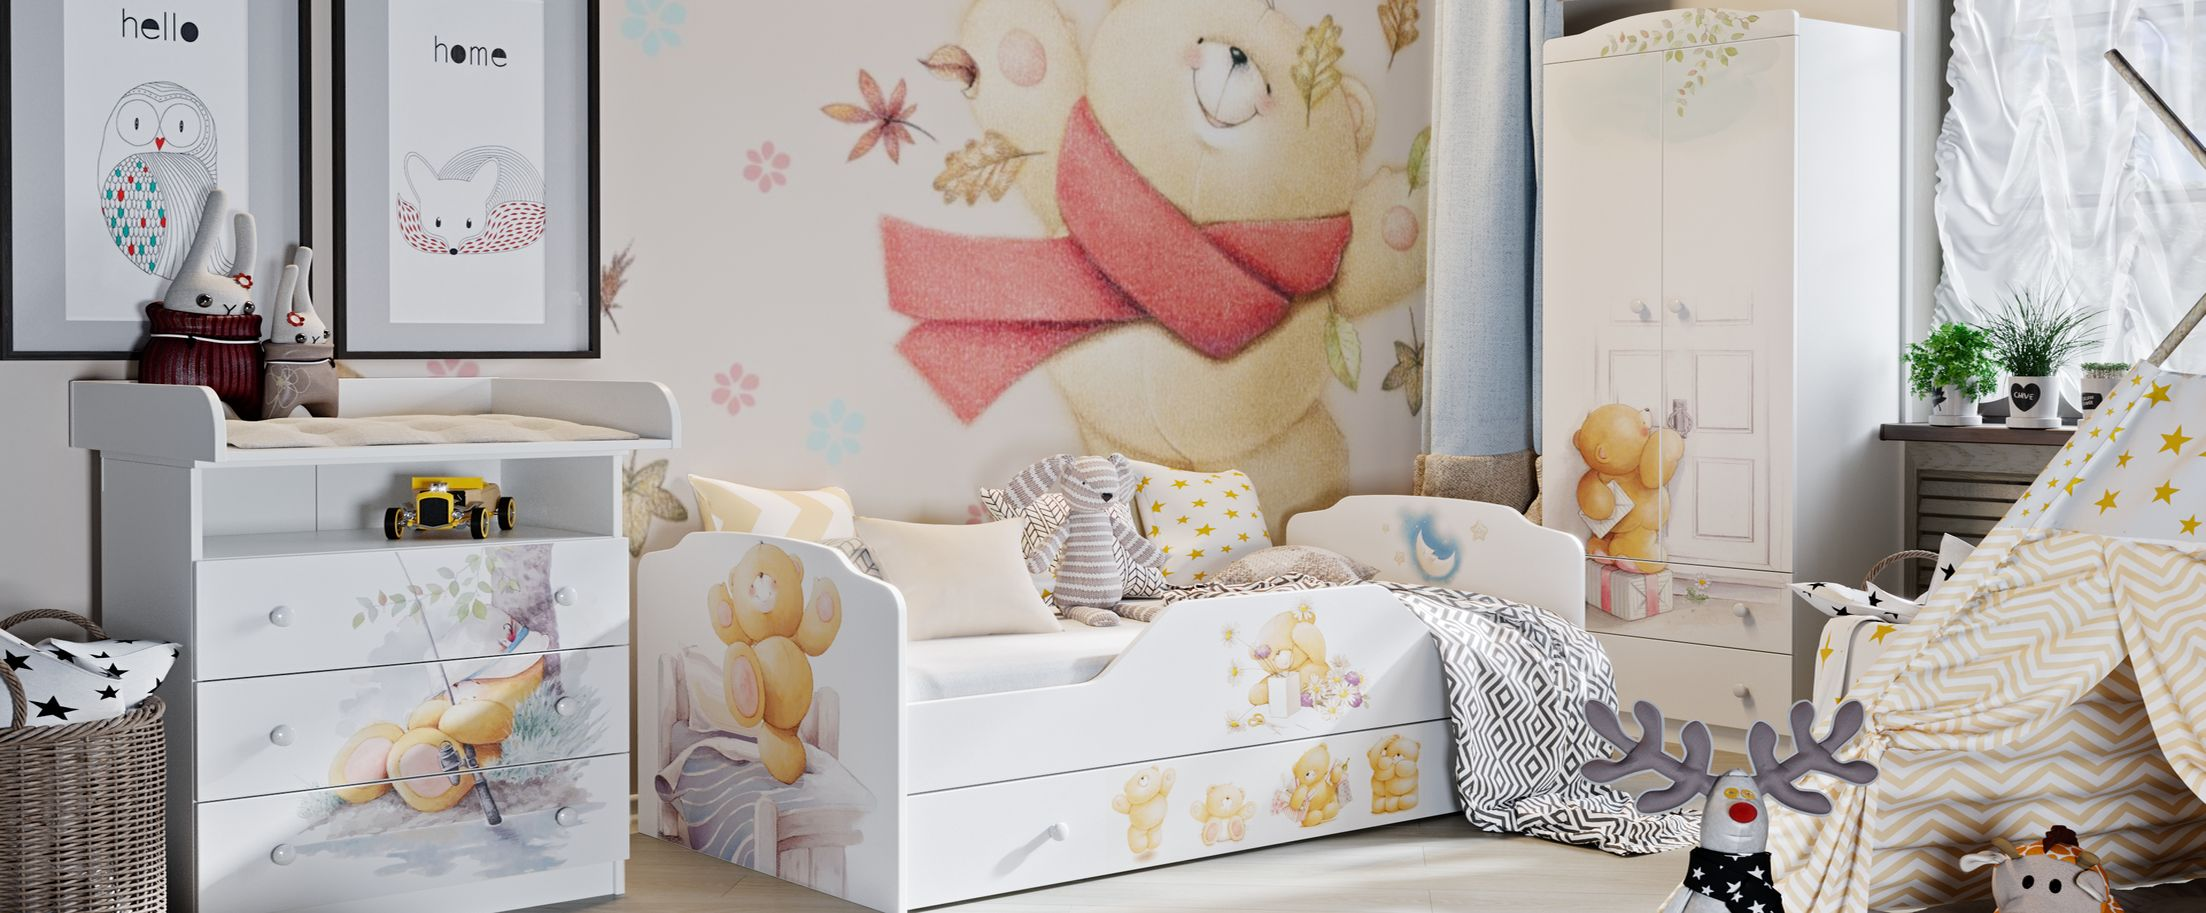 Детская Тедди модель 931Купить набор уютной и комфортной детской мебели в интернет магазине MOON TRADE. Спальное место 80х160 см. Быстрая доставка, вынос упаковки, гарантия! Выгодная покупка!<br><br>Ширина спального места см: 80<br>Длина спального места см: 160<br>Цвет: Белый<br>Материал корпуса: ЛДСП<br>Материал фасада: ЛДСП/УФ-печать